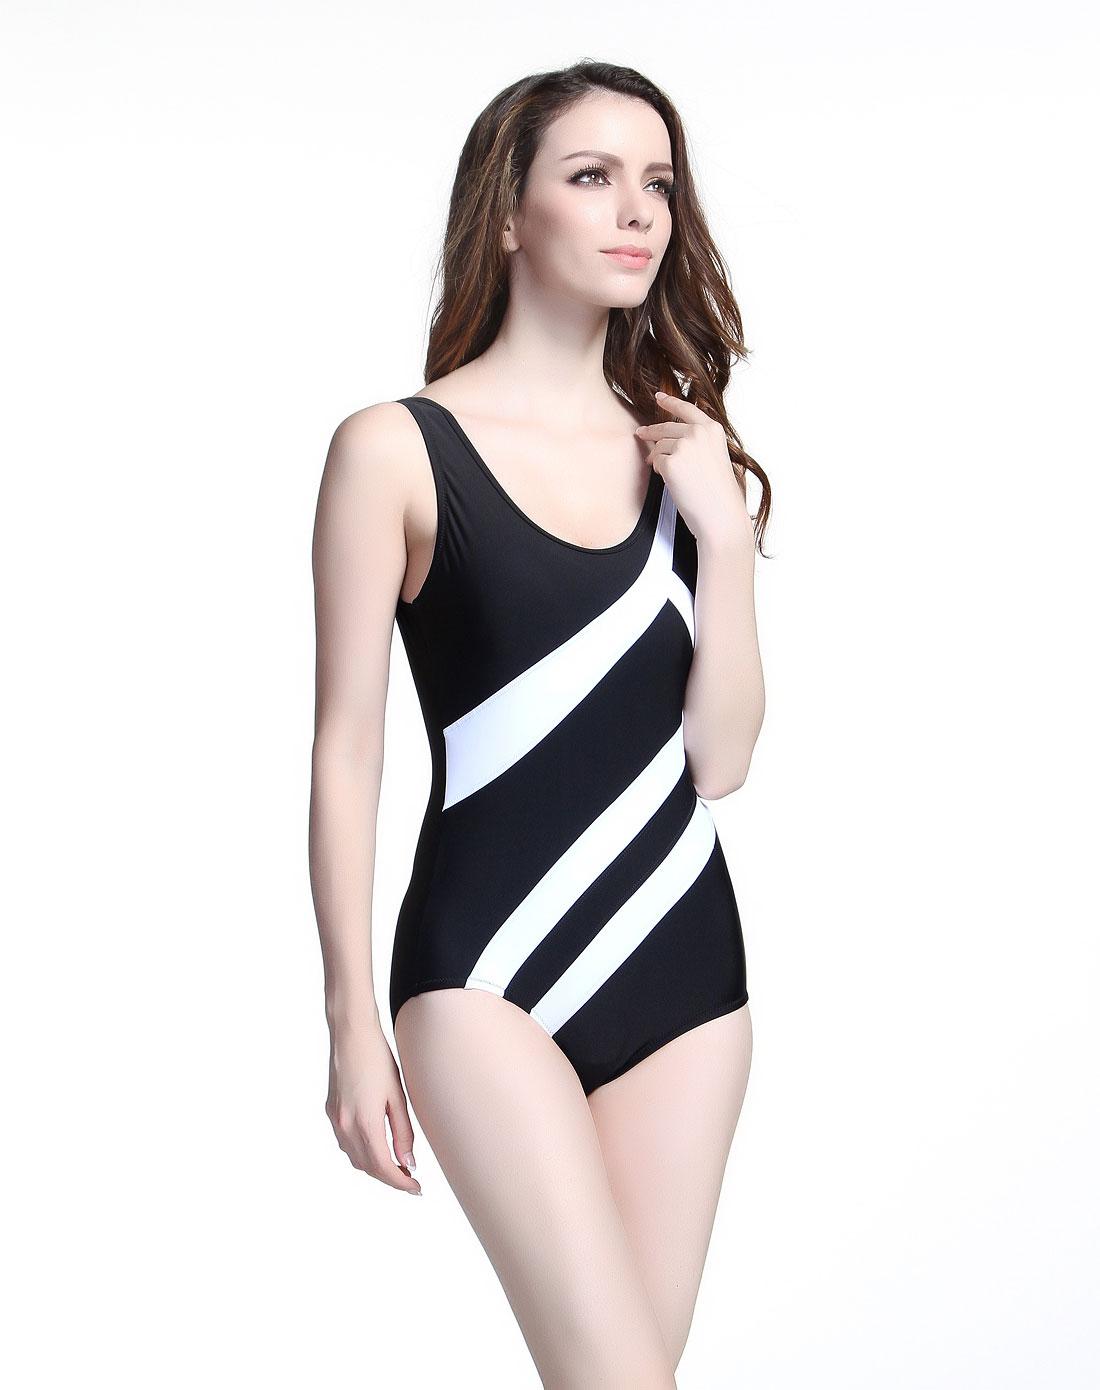 海浪&热浪泳衣混合专场-热浪 女款黑/白色简约休闲连体式泳衣